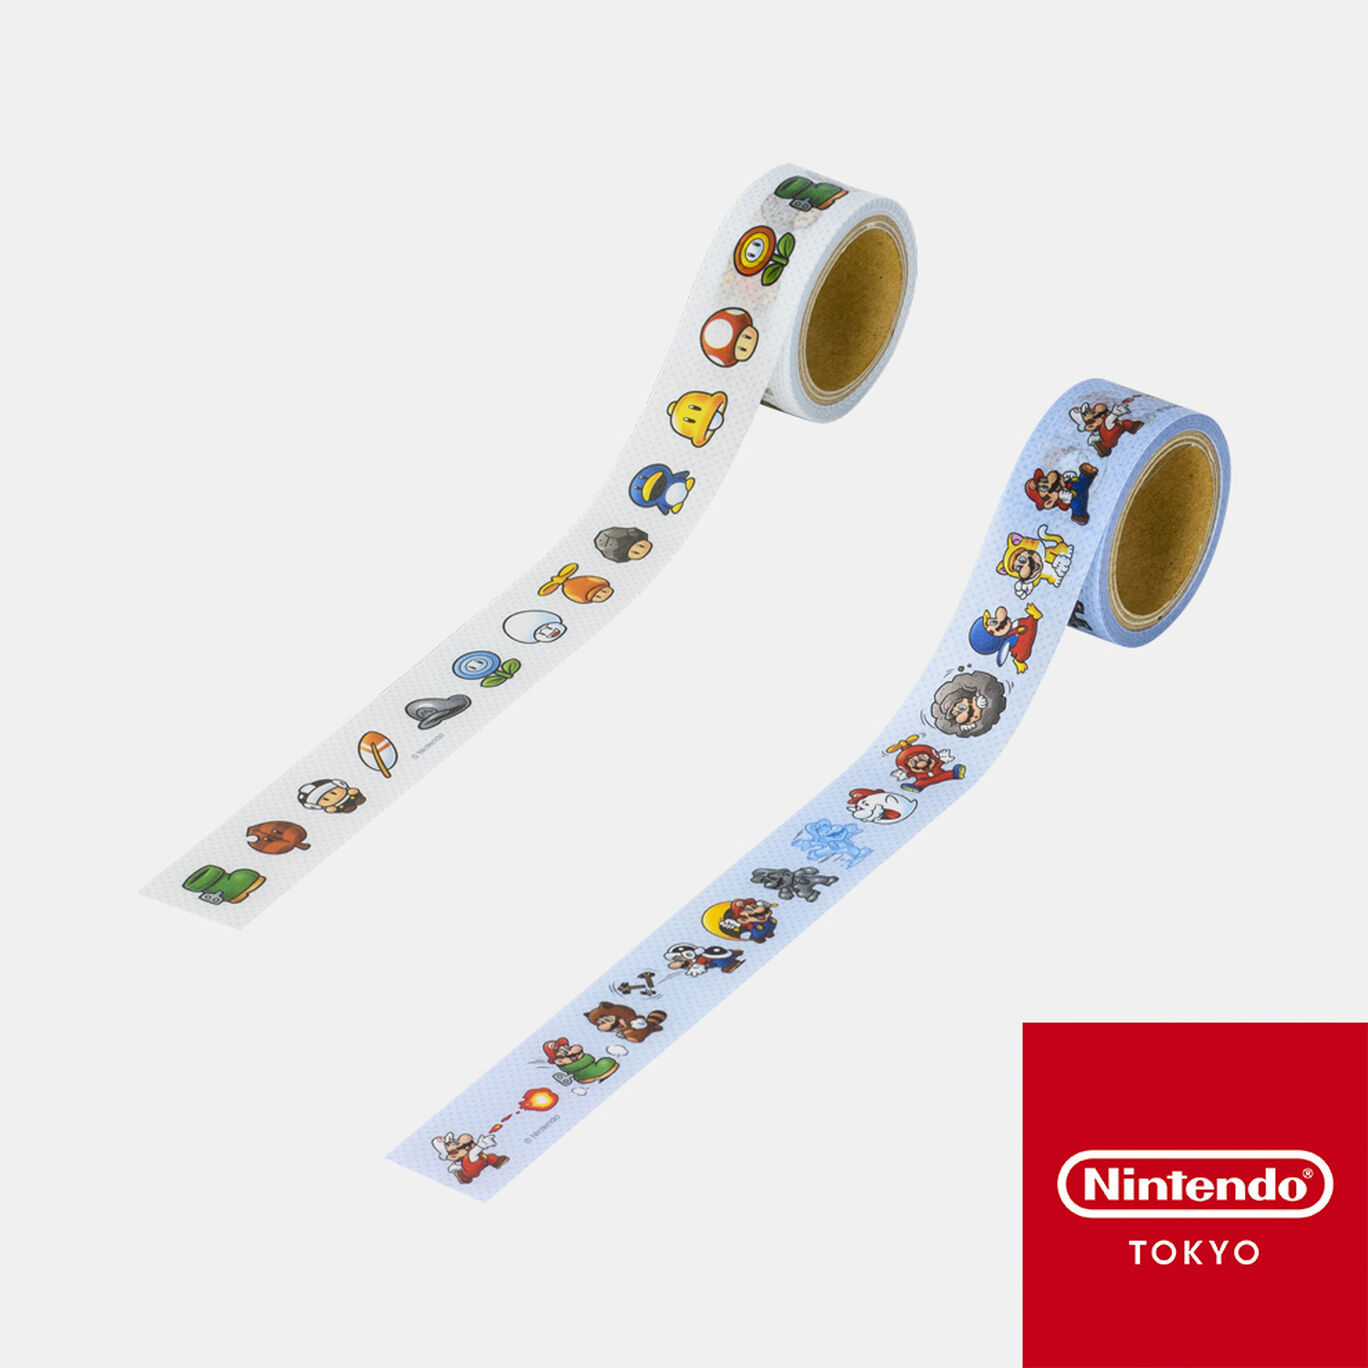 マスキングテープ スーパーマリオ パワーアップ【Nintendo TOKYO取り扱い商品】